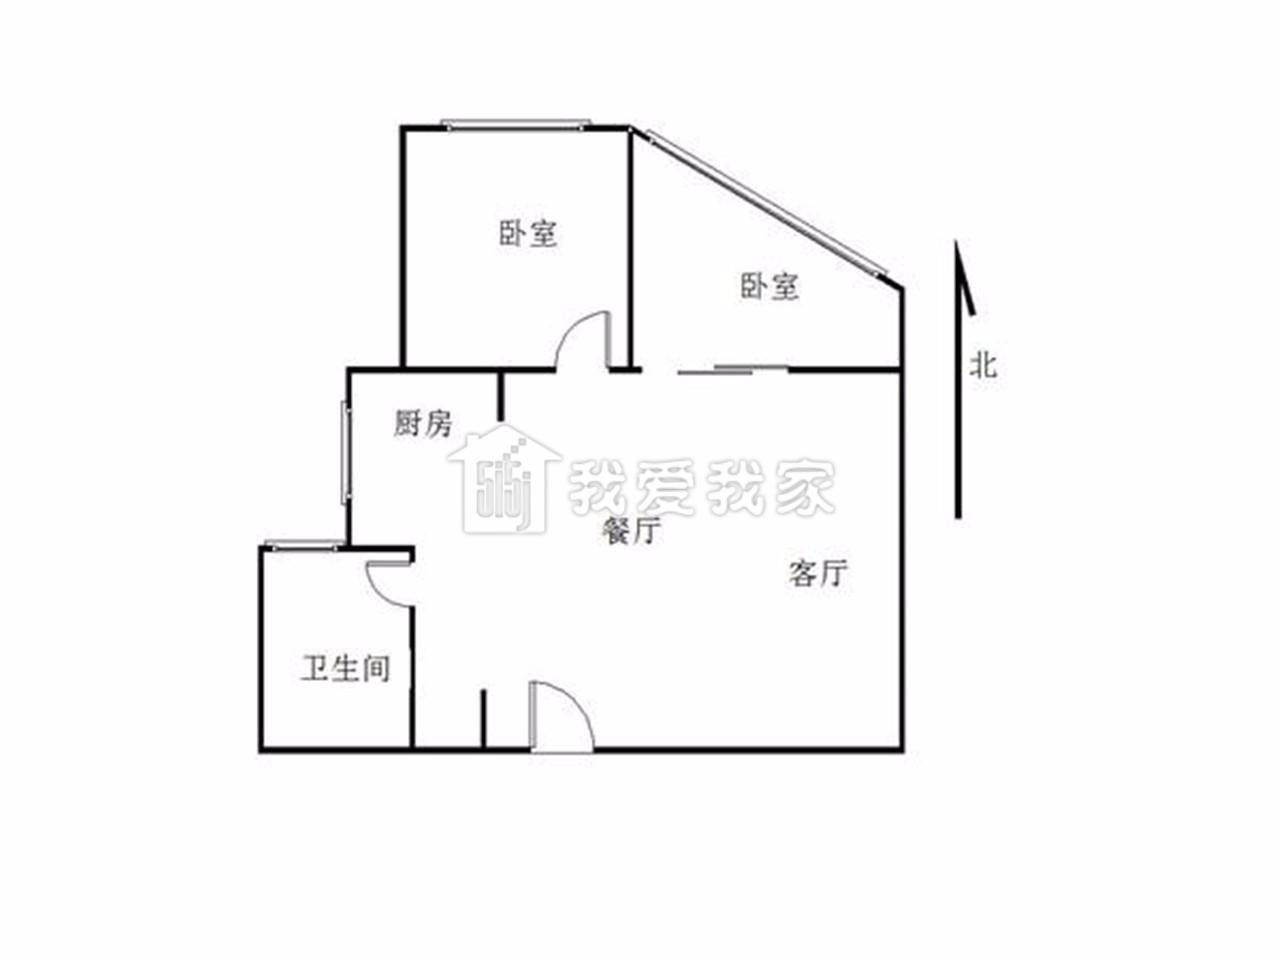 栖霞区仙林亚东城西区1室1厅户型图